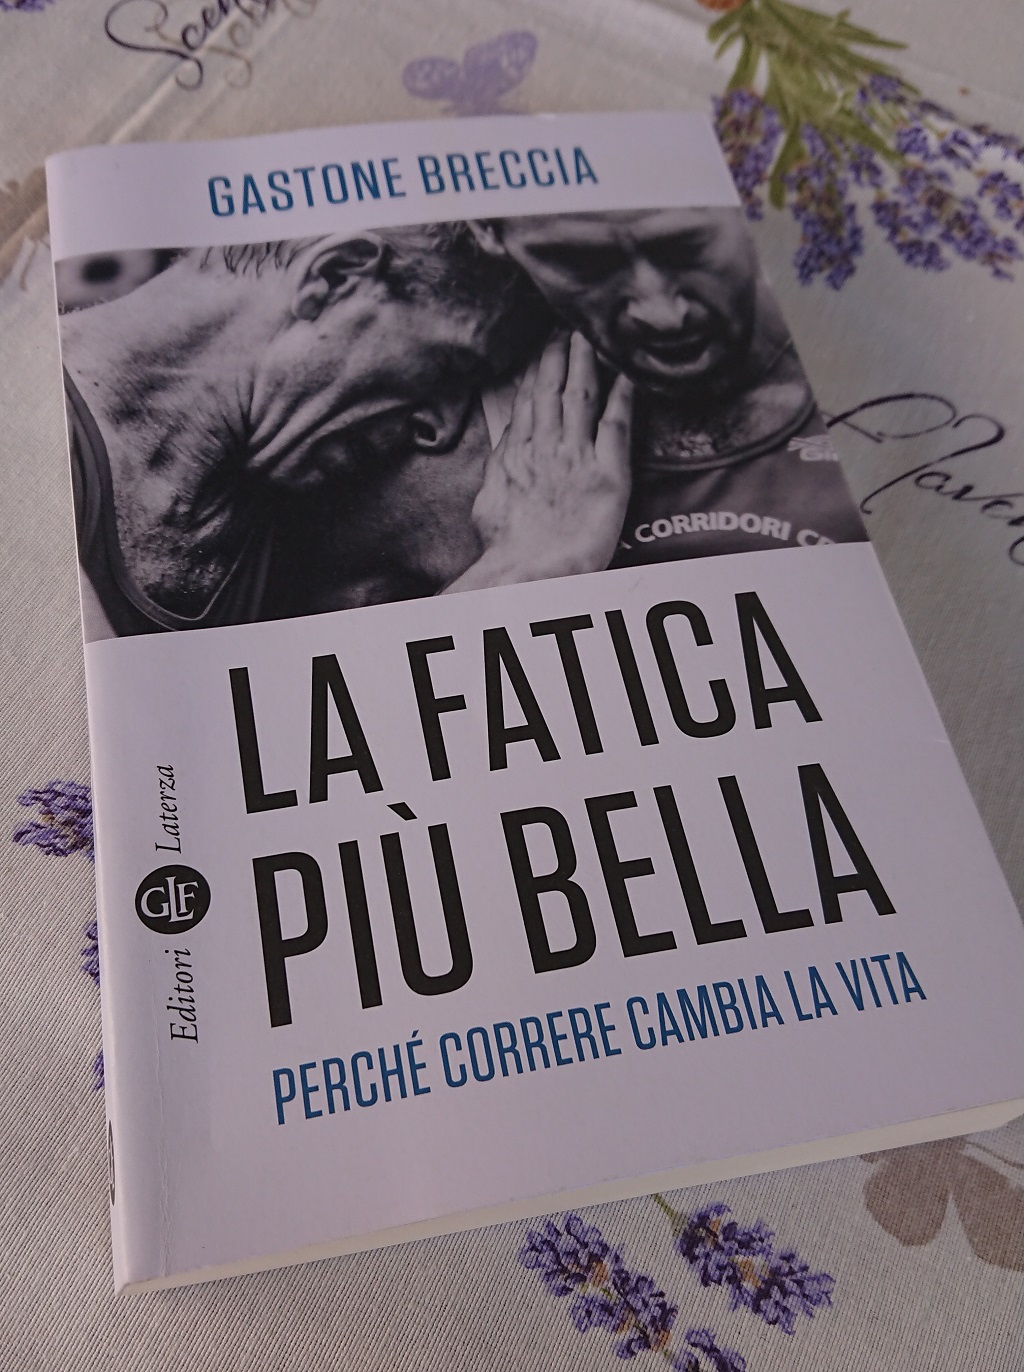 Gastone Breccia - La fatica più bella